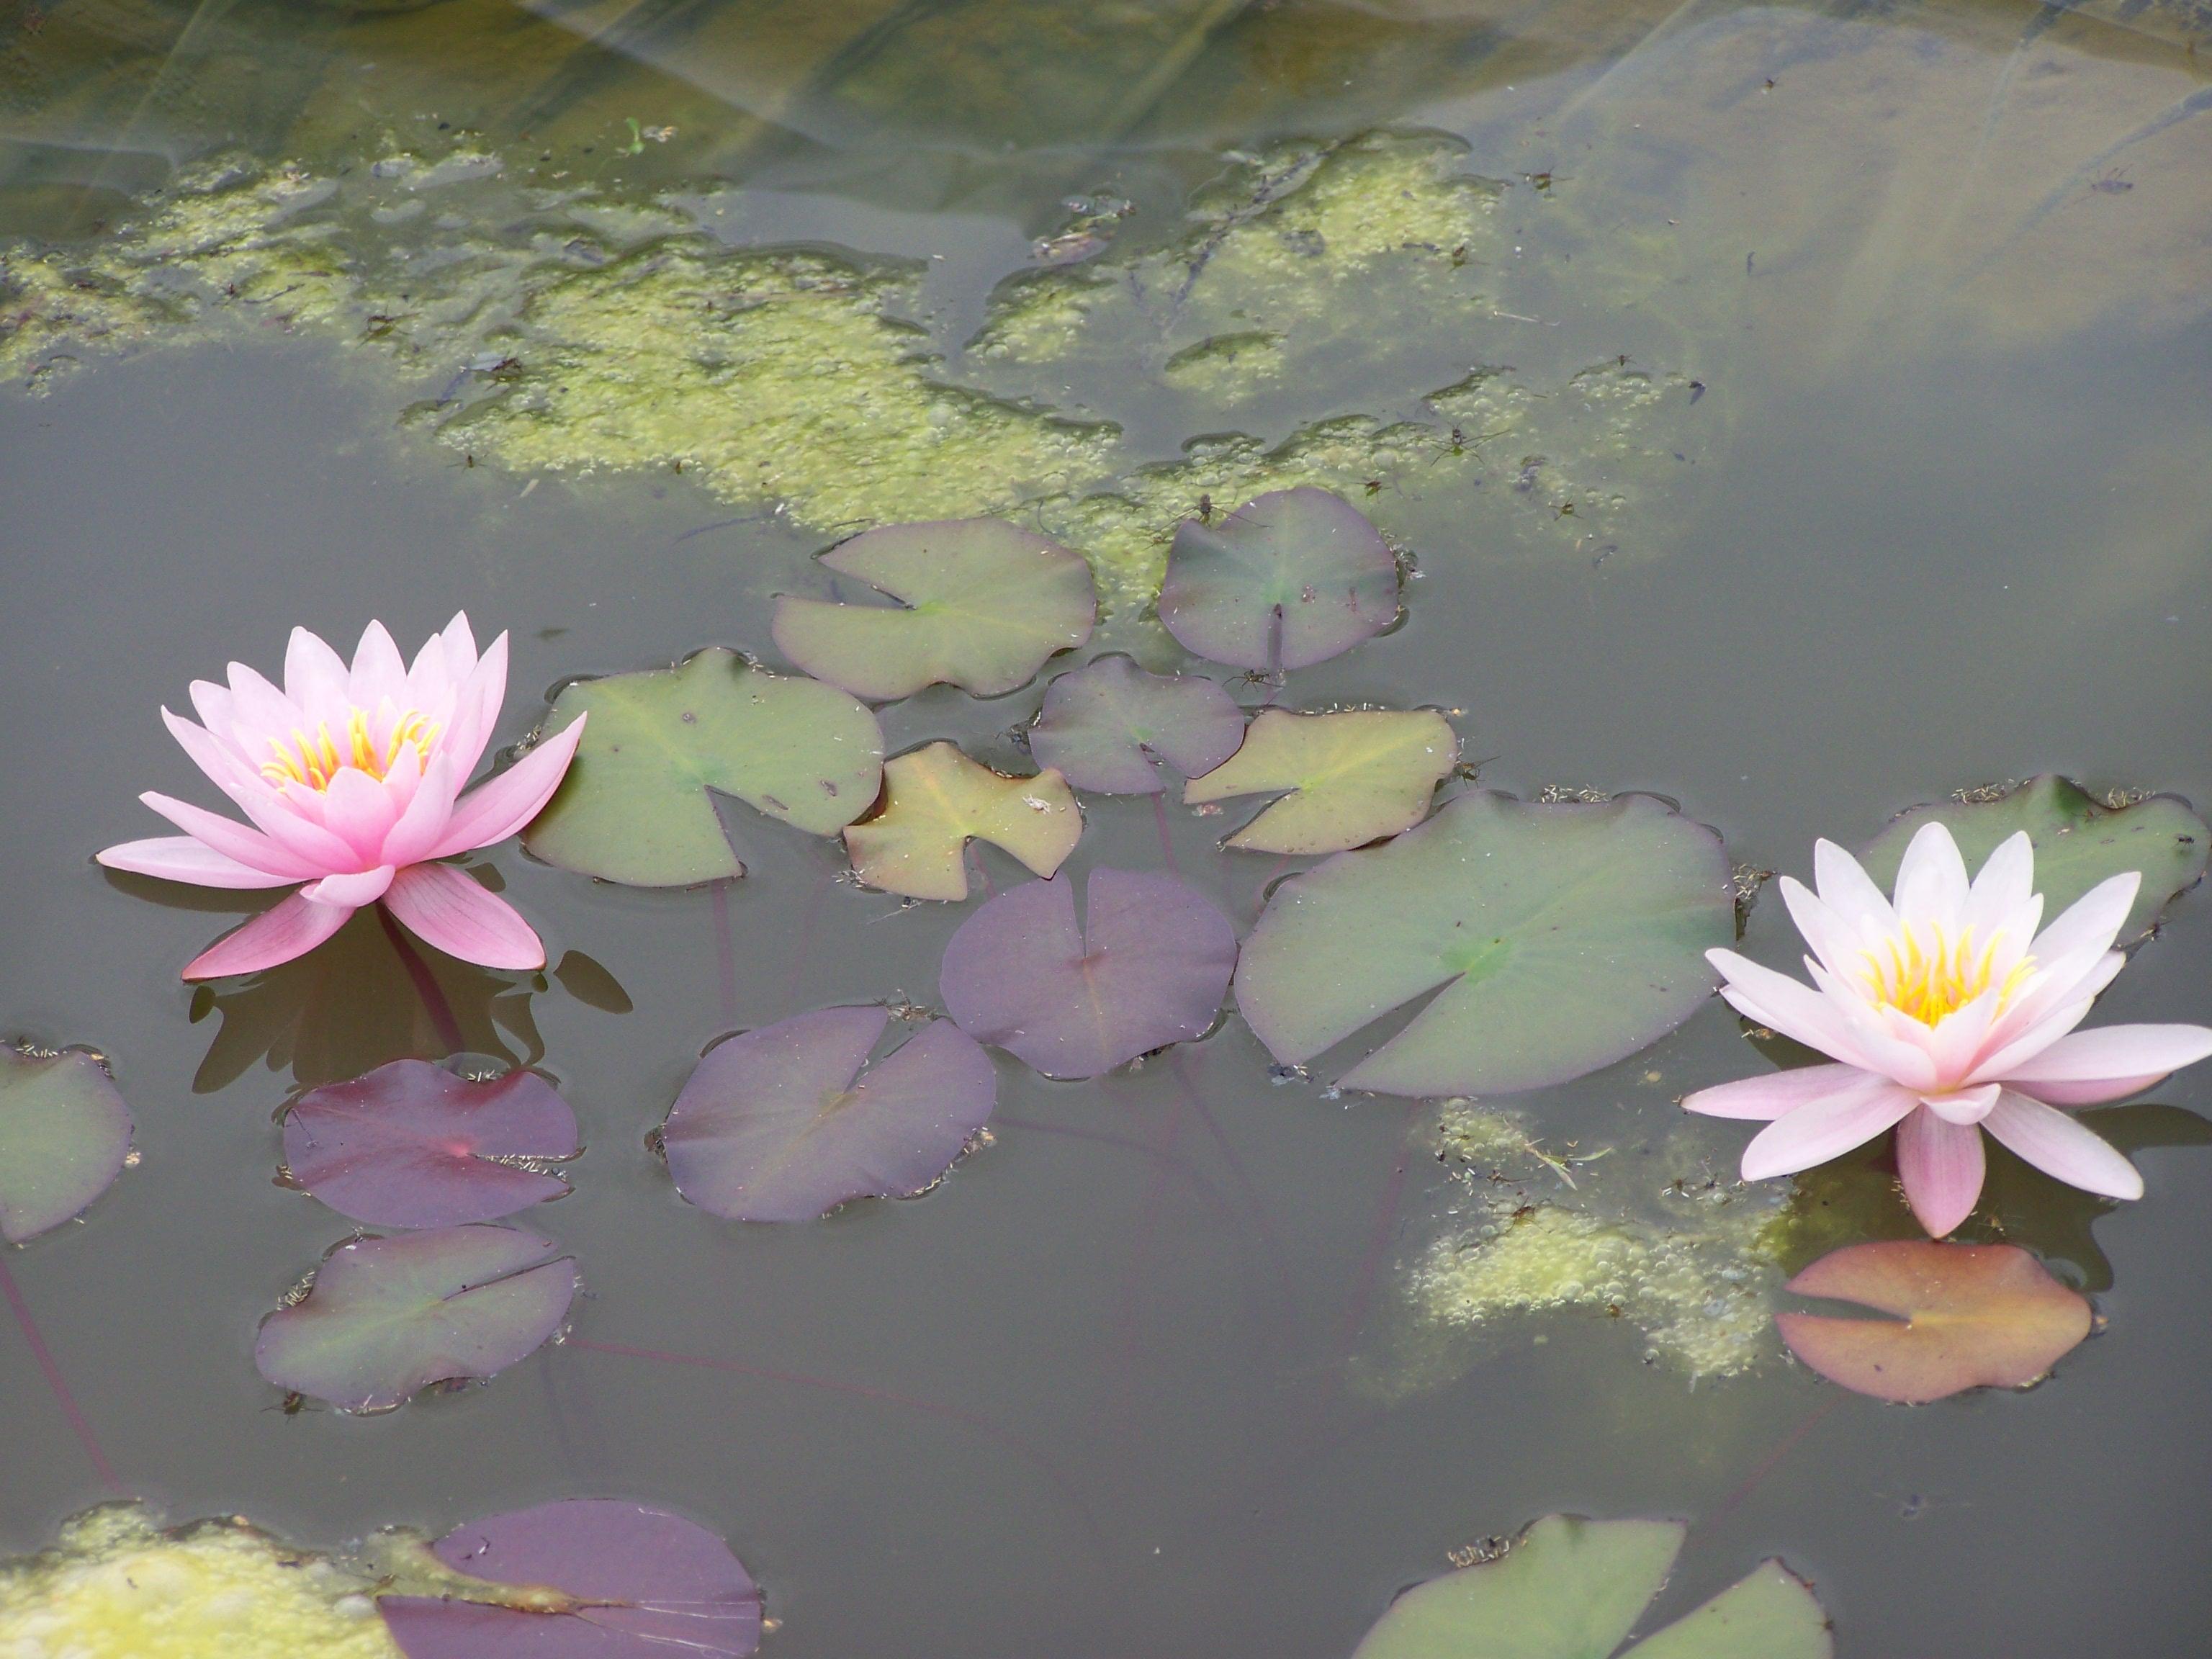 Водные растения: замерзнет ли эта красота?